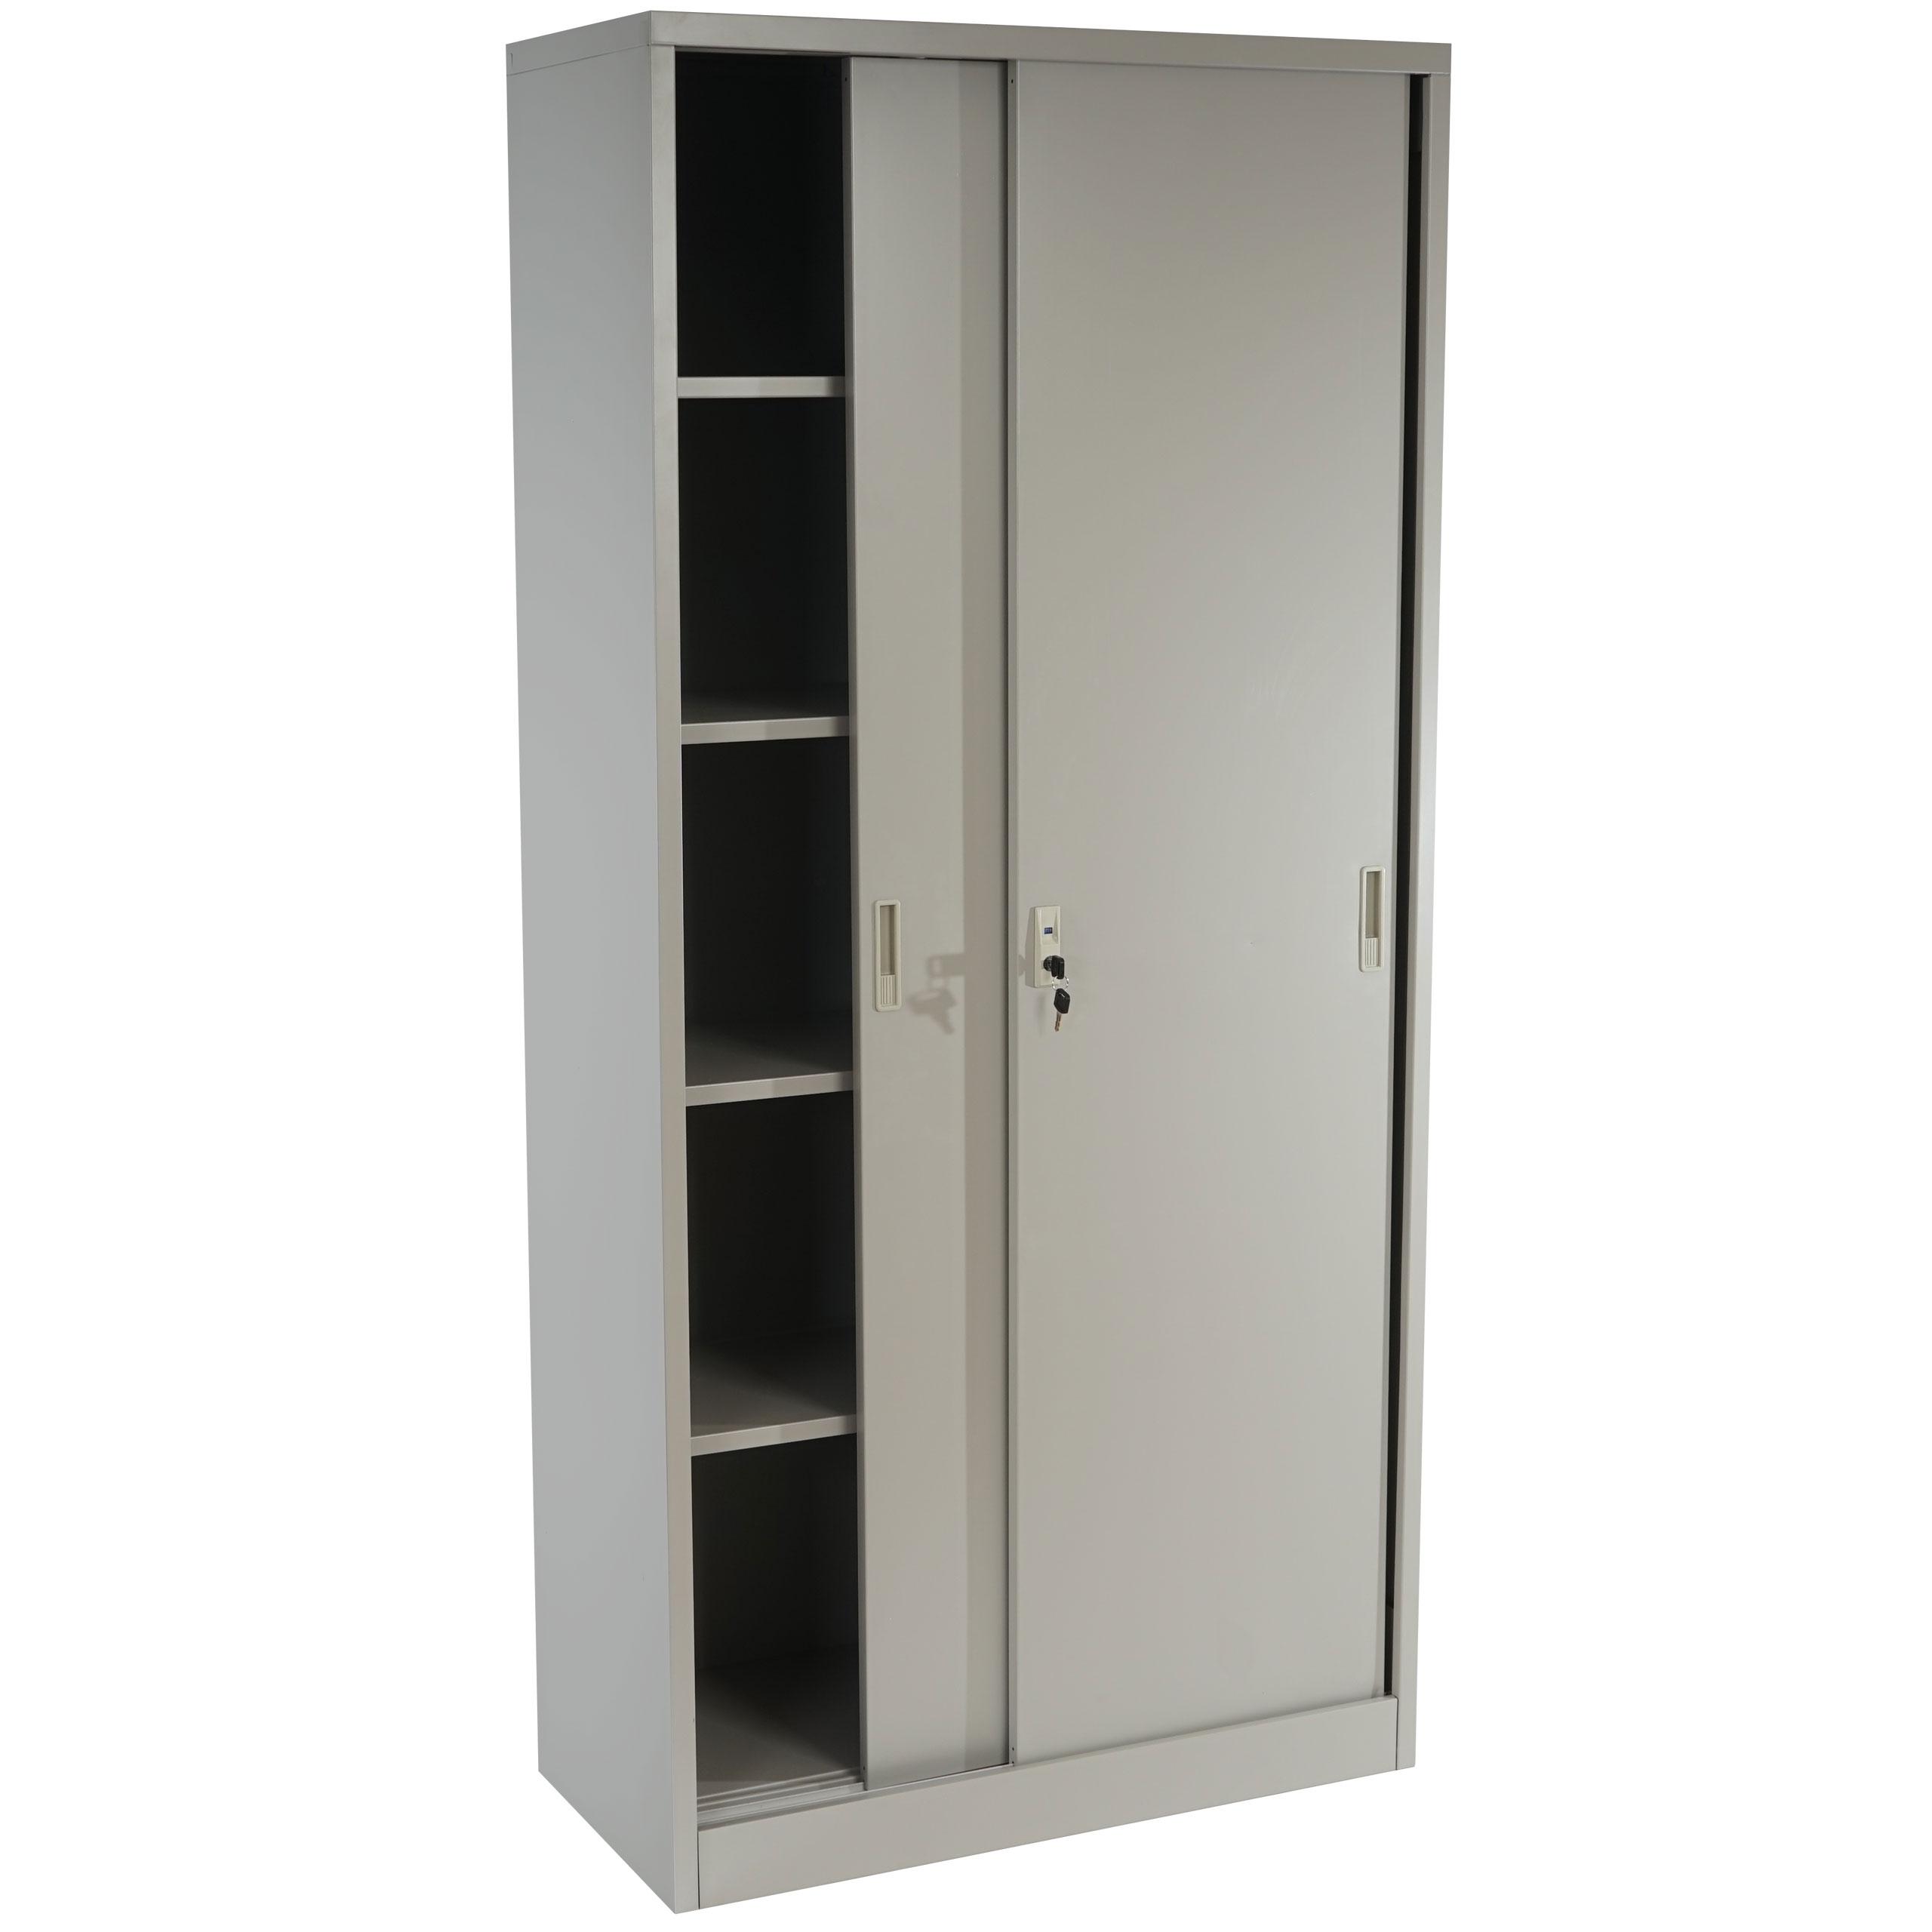 meuble classeur boston t131 vestiaire placard en m tal 43kg 180x85x40cm gris ebay. Black Bedroom Furniture Sets. Home Design Ideas